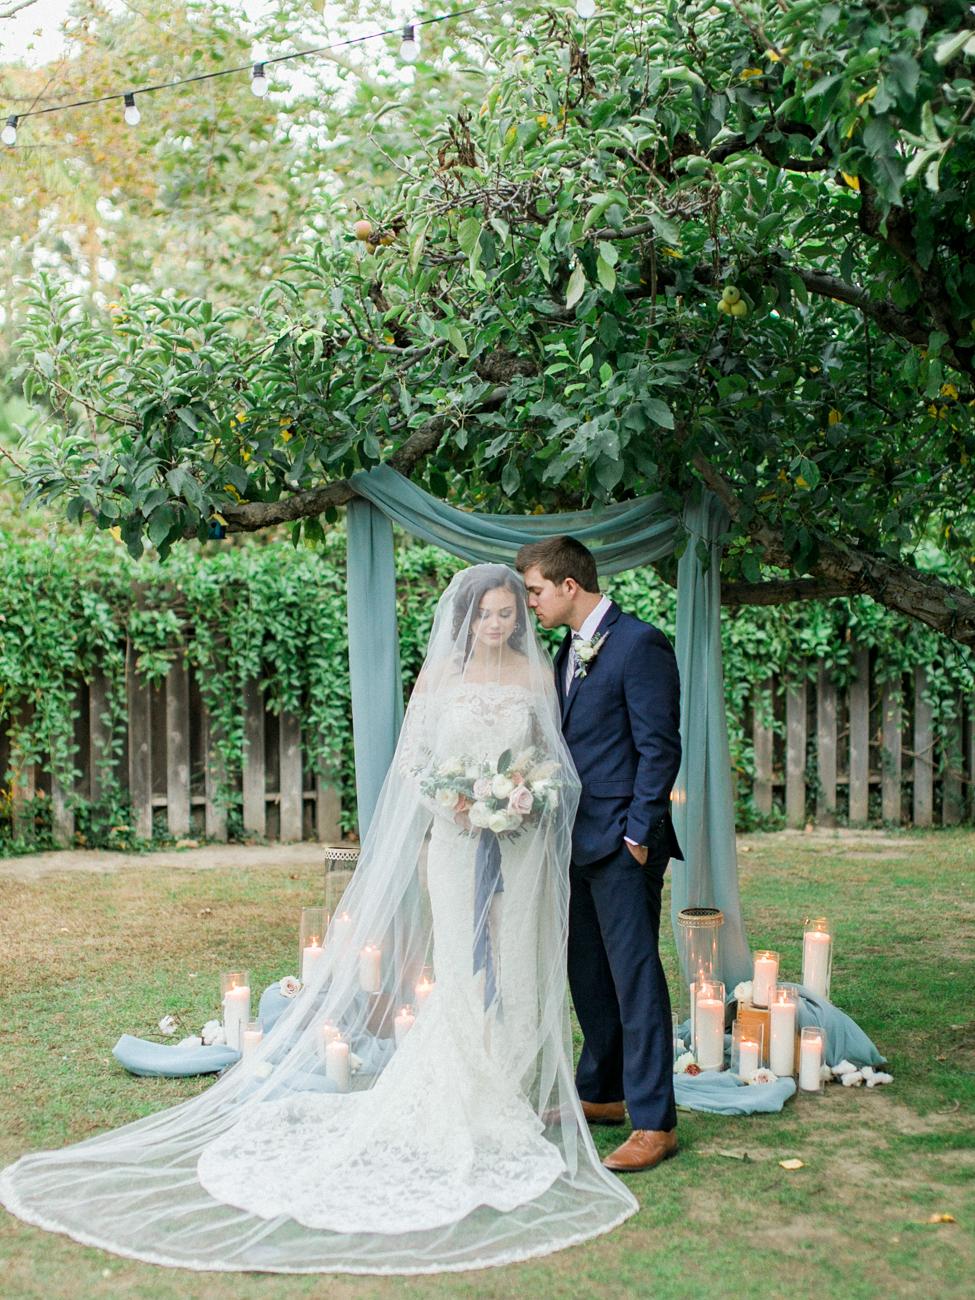 DennisRoyCoronel__RanchoLasLomas_Wedding-126.jpg